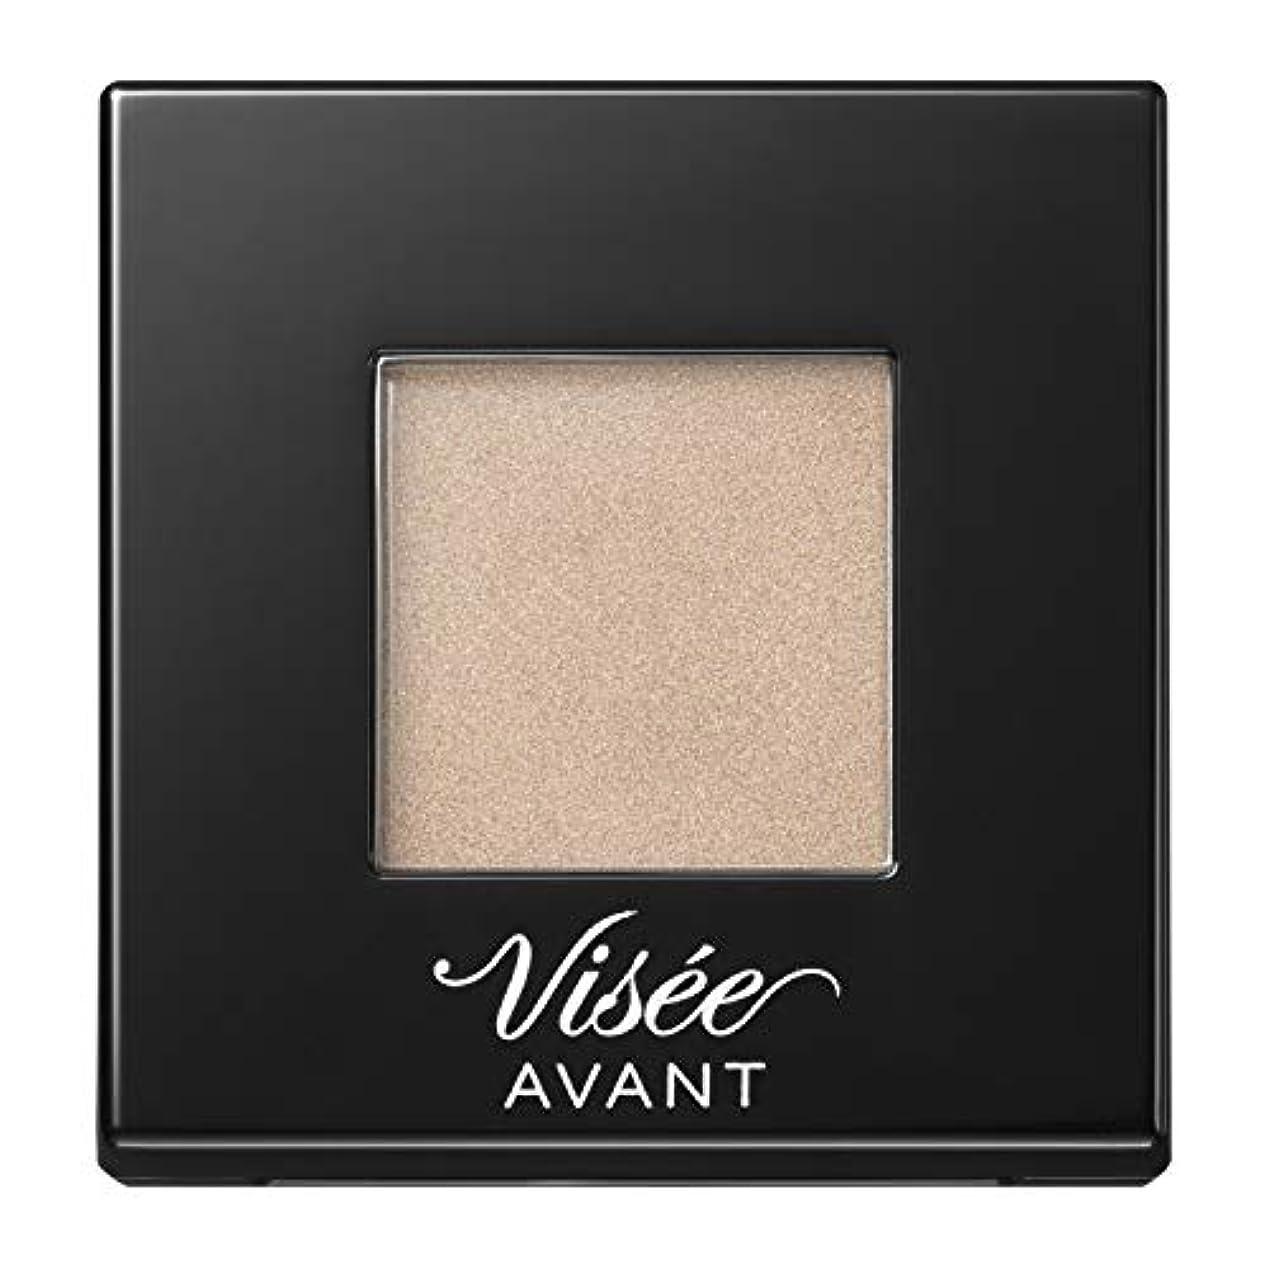 昇る中周術期Visee AVANT(ヴィセ アヴァン) ヴィセ アヴァン シングルアイカラー クリーミィ アイシャドウ GINGER 101 1.4g